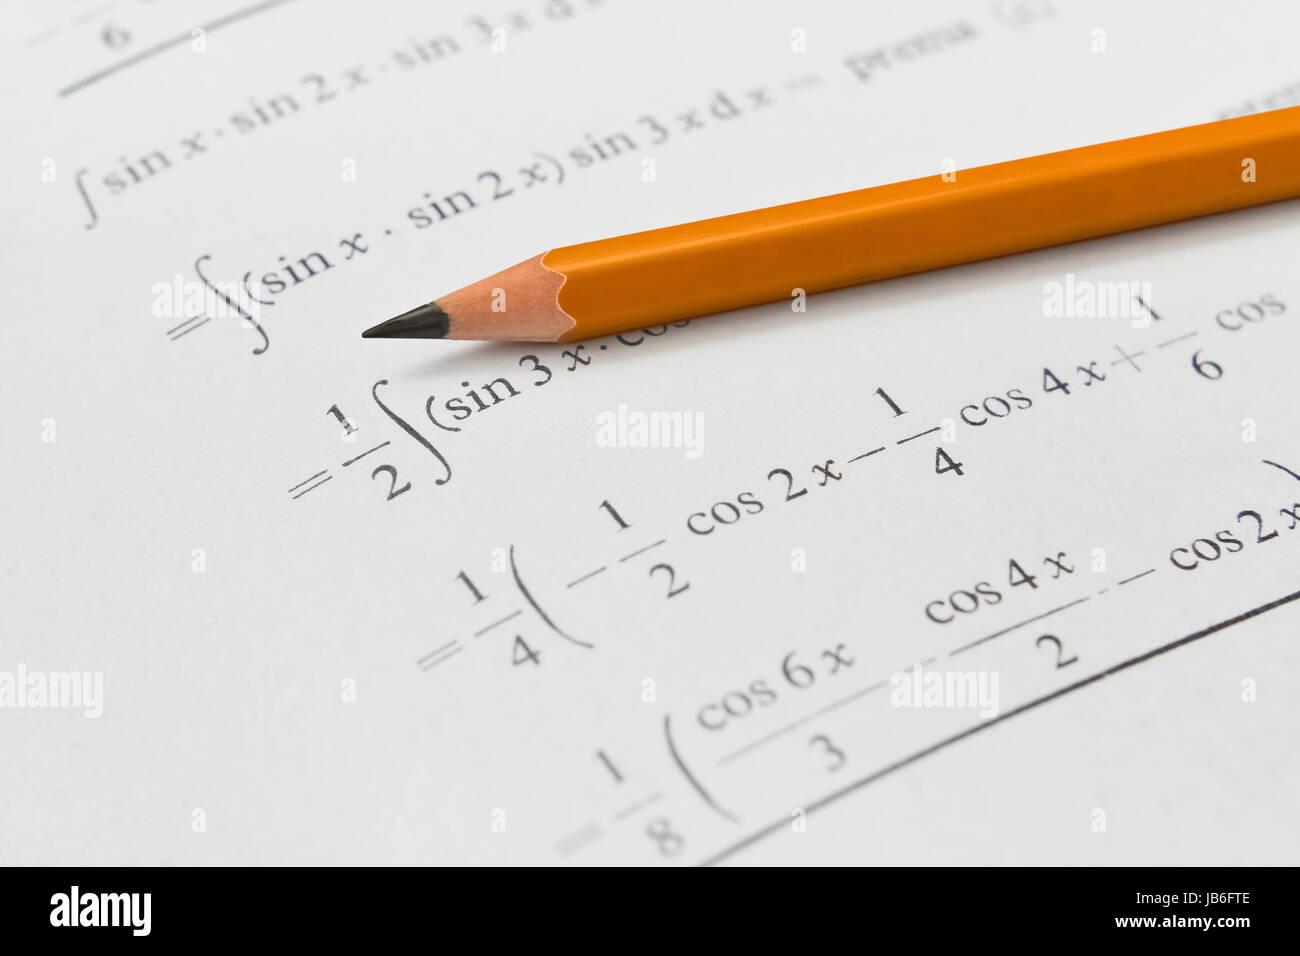 integrali matematica  Ingrandimento di una pagina del libro di matematica con integrali e ...